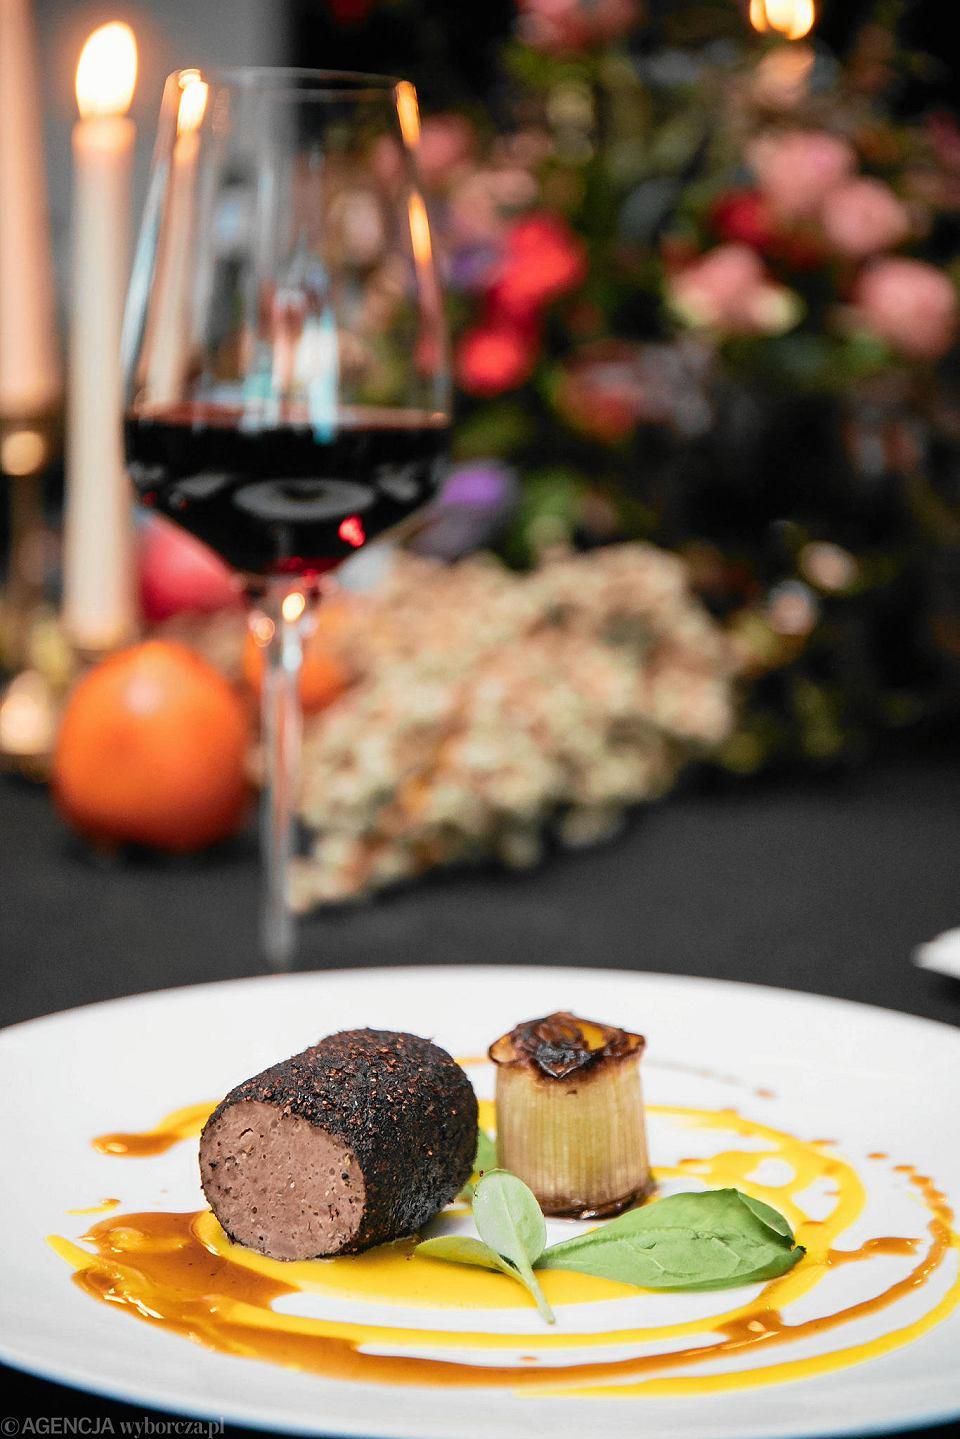 Zdjęcie numer 6 w galerii - Kaczka z toskańskimi ziołami, vermicelli z szałwią, szaszłyki ze ślimaków. Taką dietę wymyślił dla nas Leonardo da Vinci